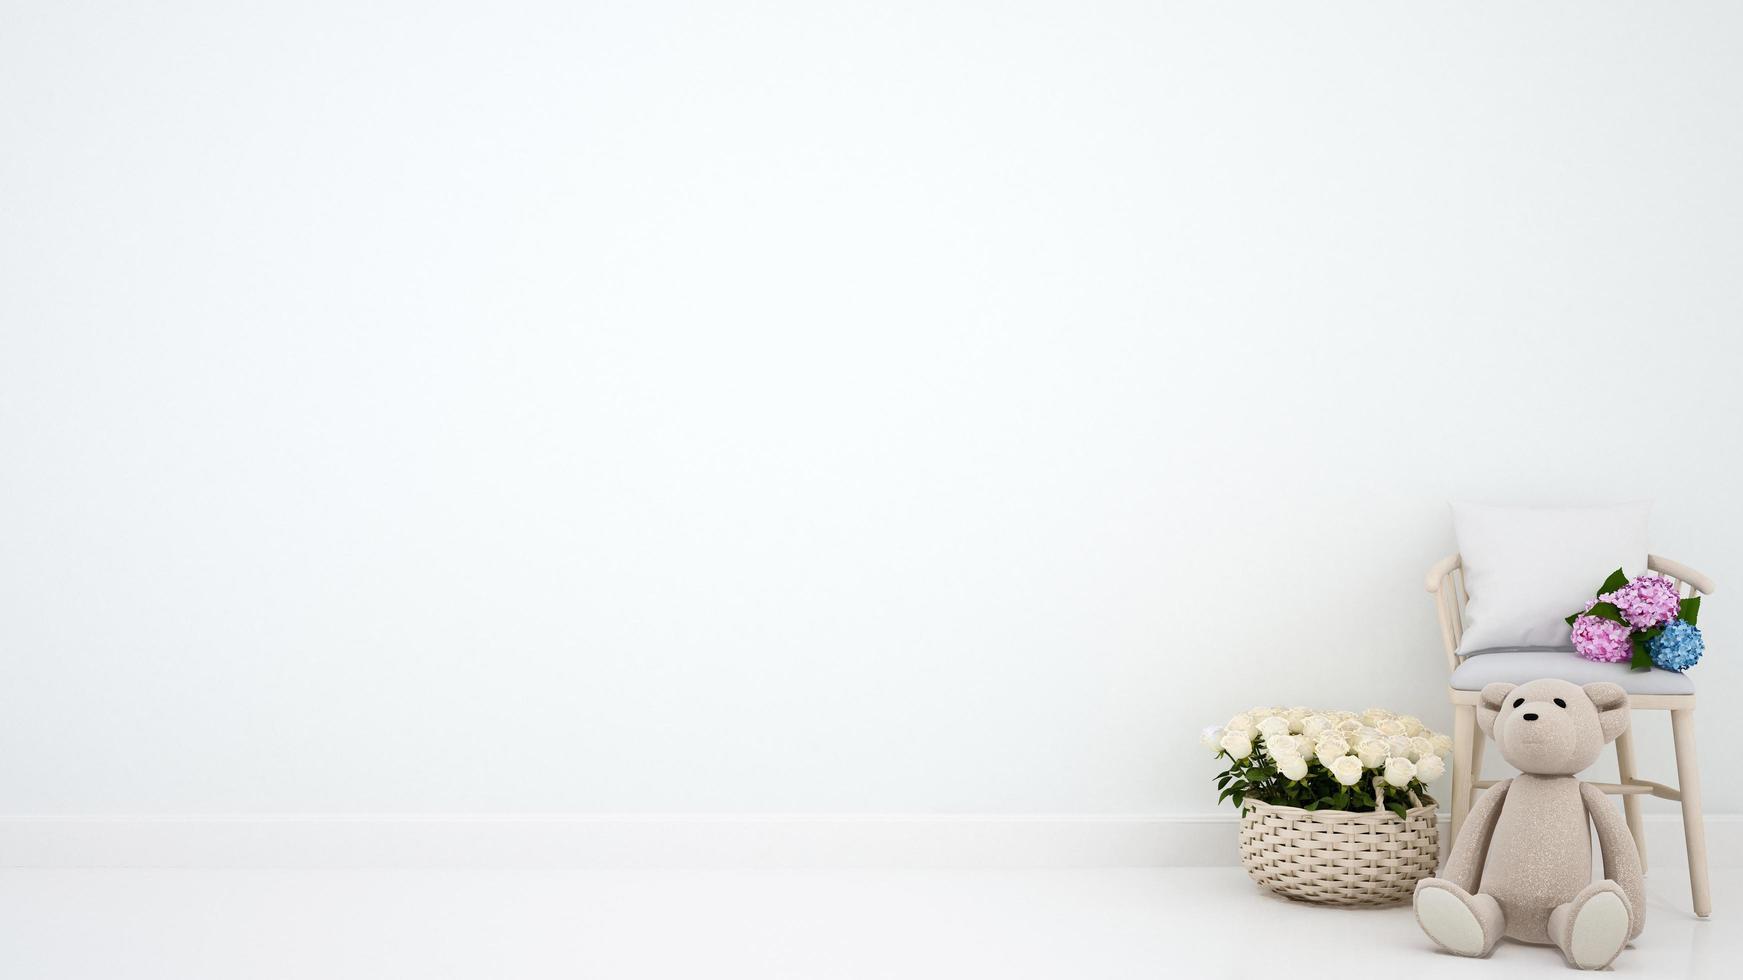 nalle med fåtölj och blomma för konstverk foto